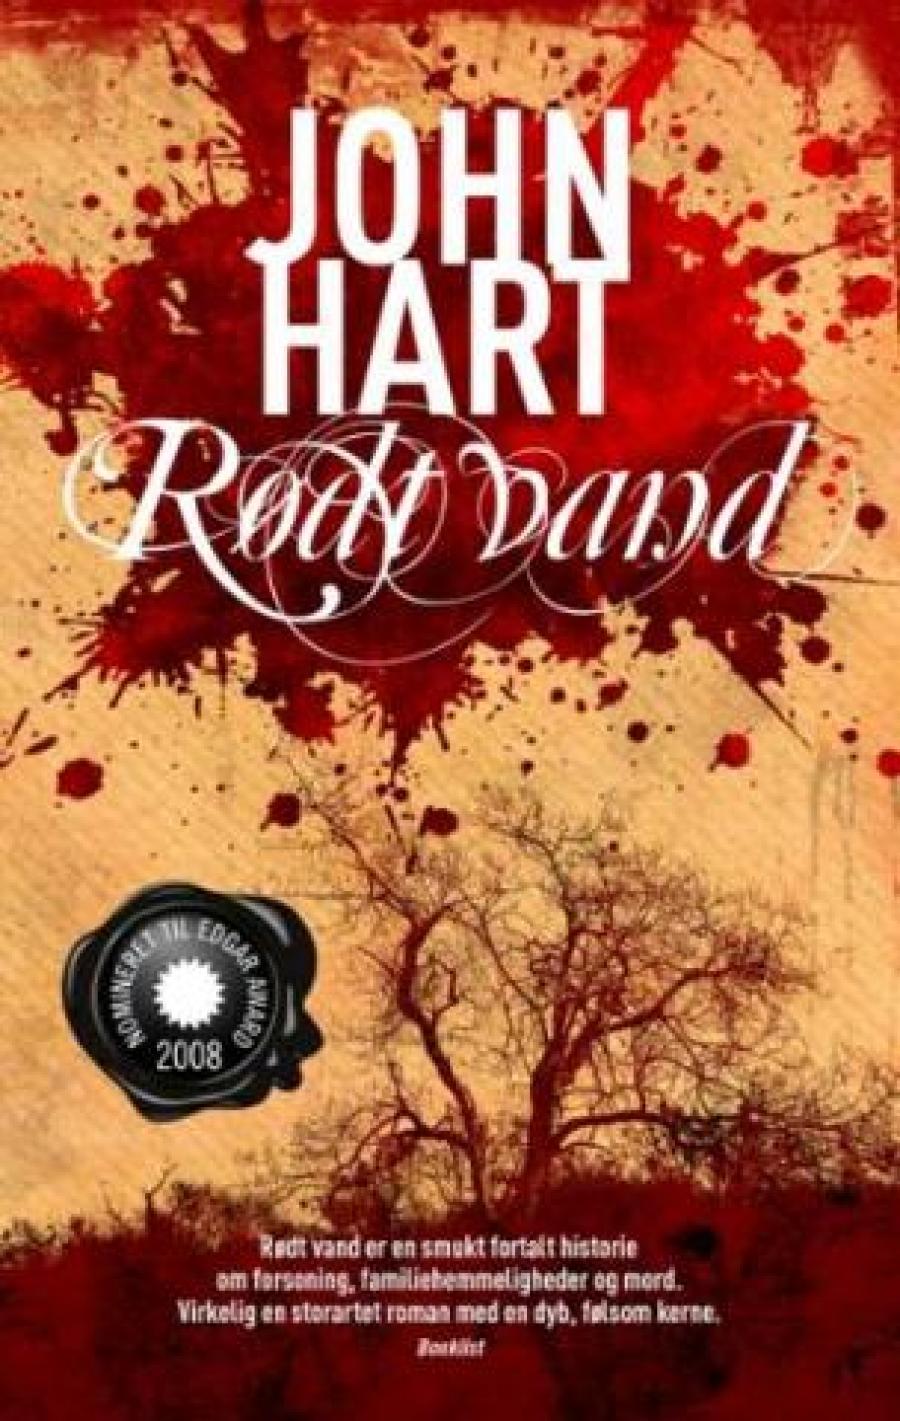 Rødt vand af John Hart